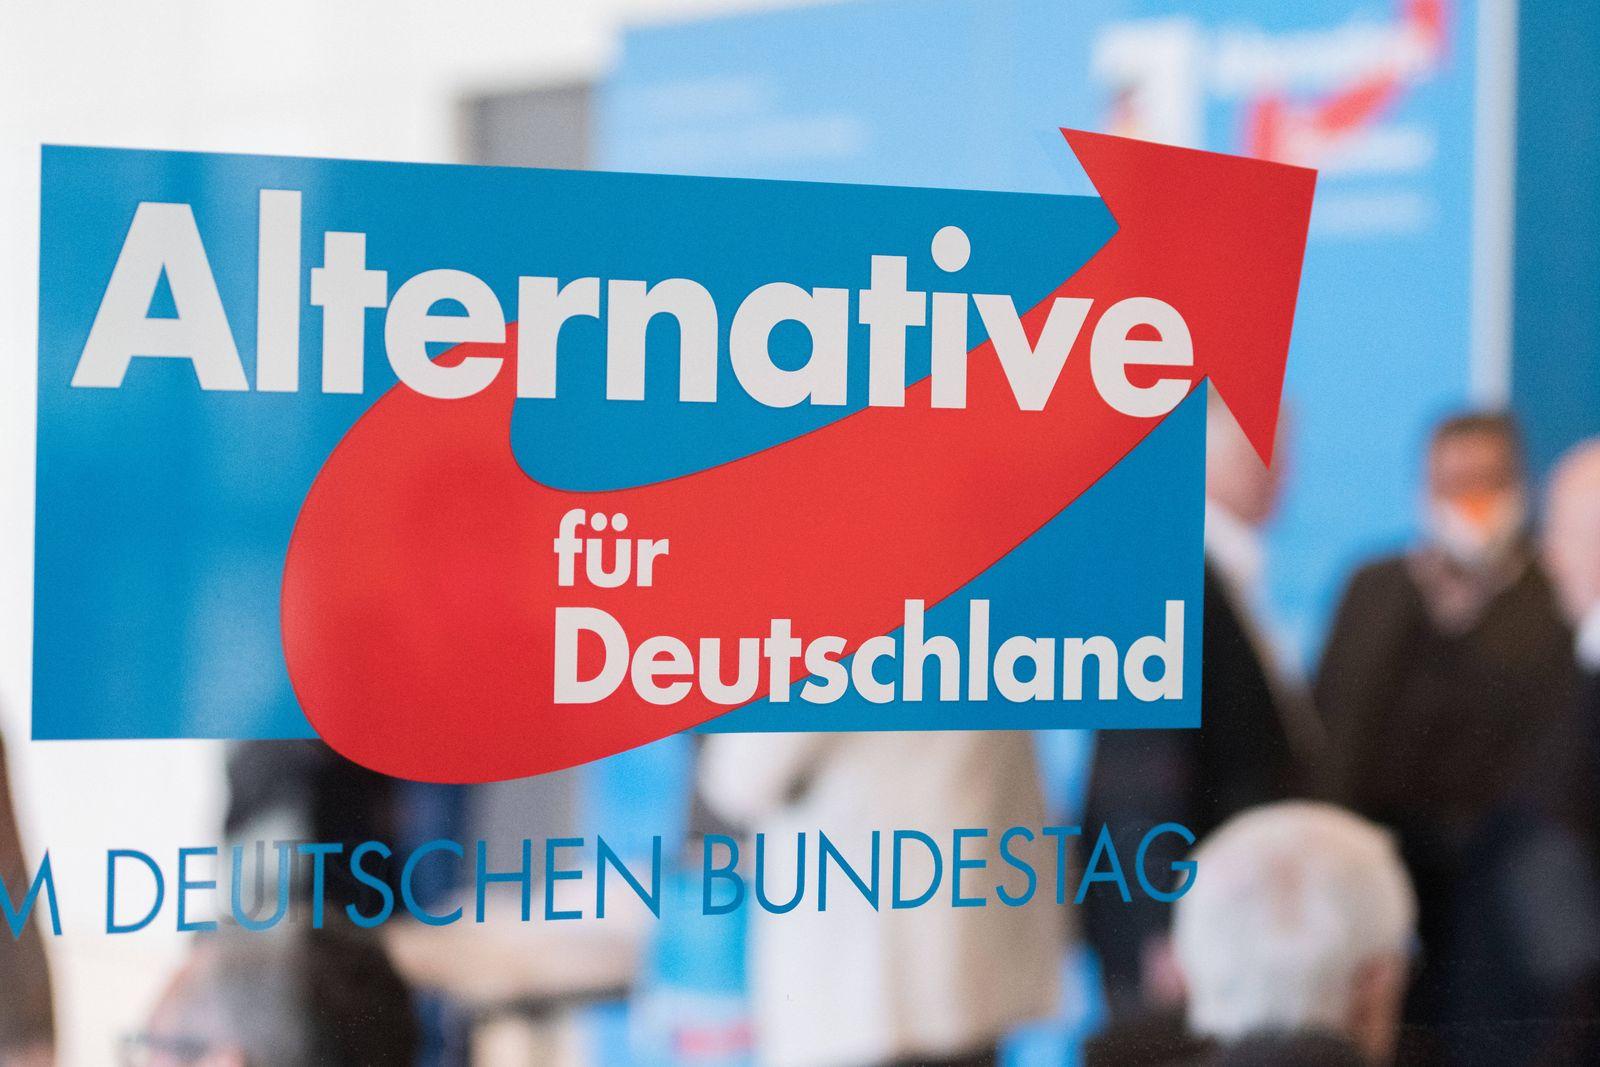 Berlin, Afd Fraktion verteilt Masken an ihre Abgeordneten Deutschland, Berlin - 21.04.2020: Im Bild ist das Logo der AFD